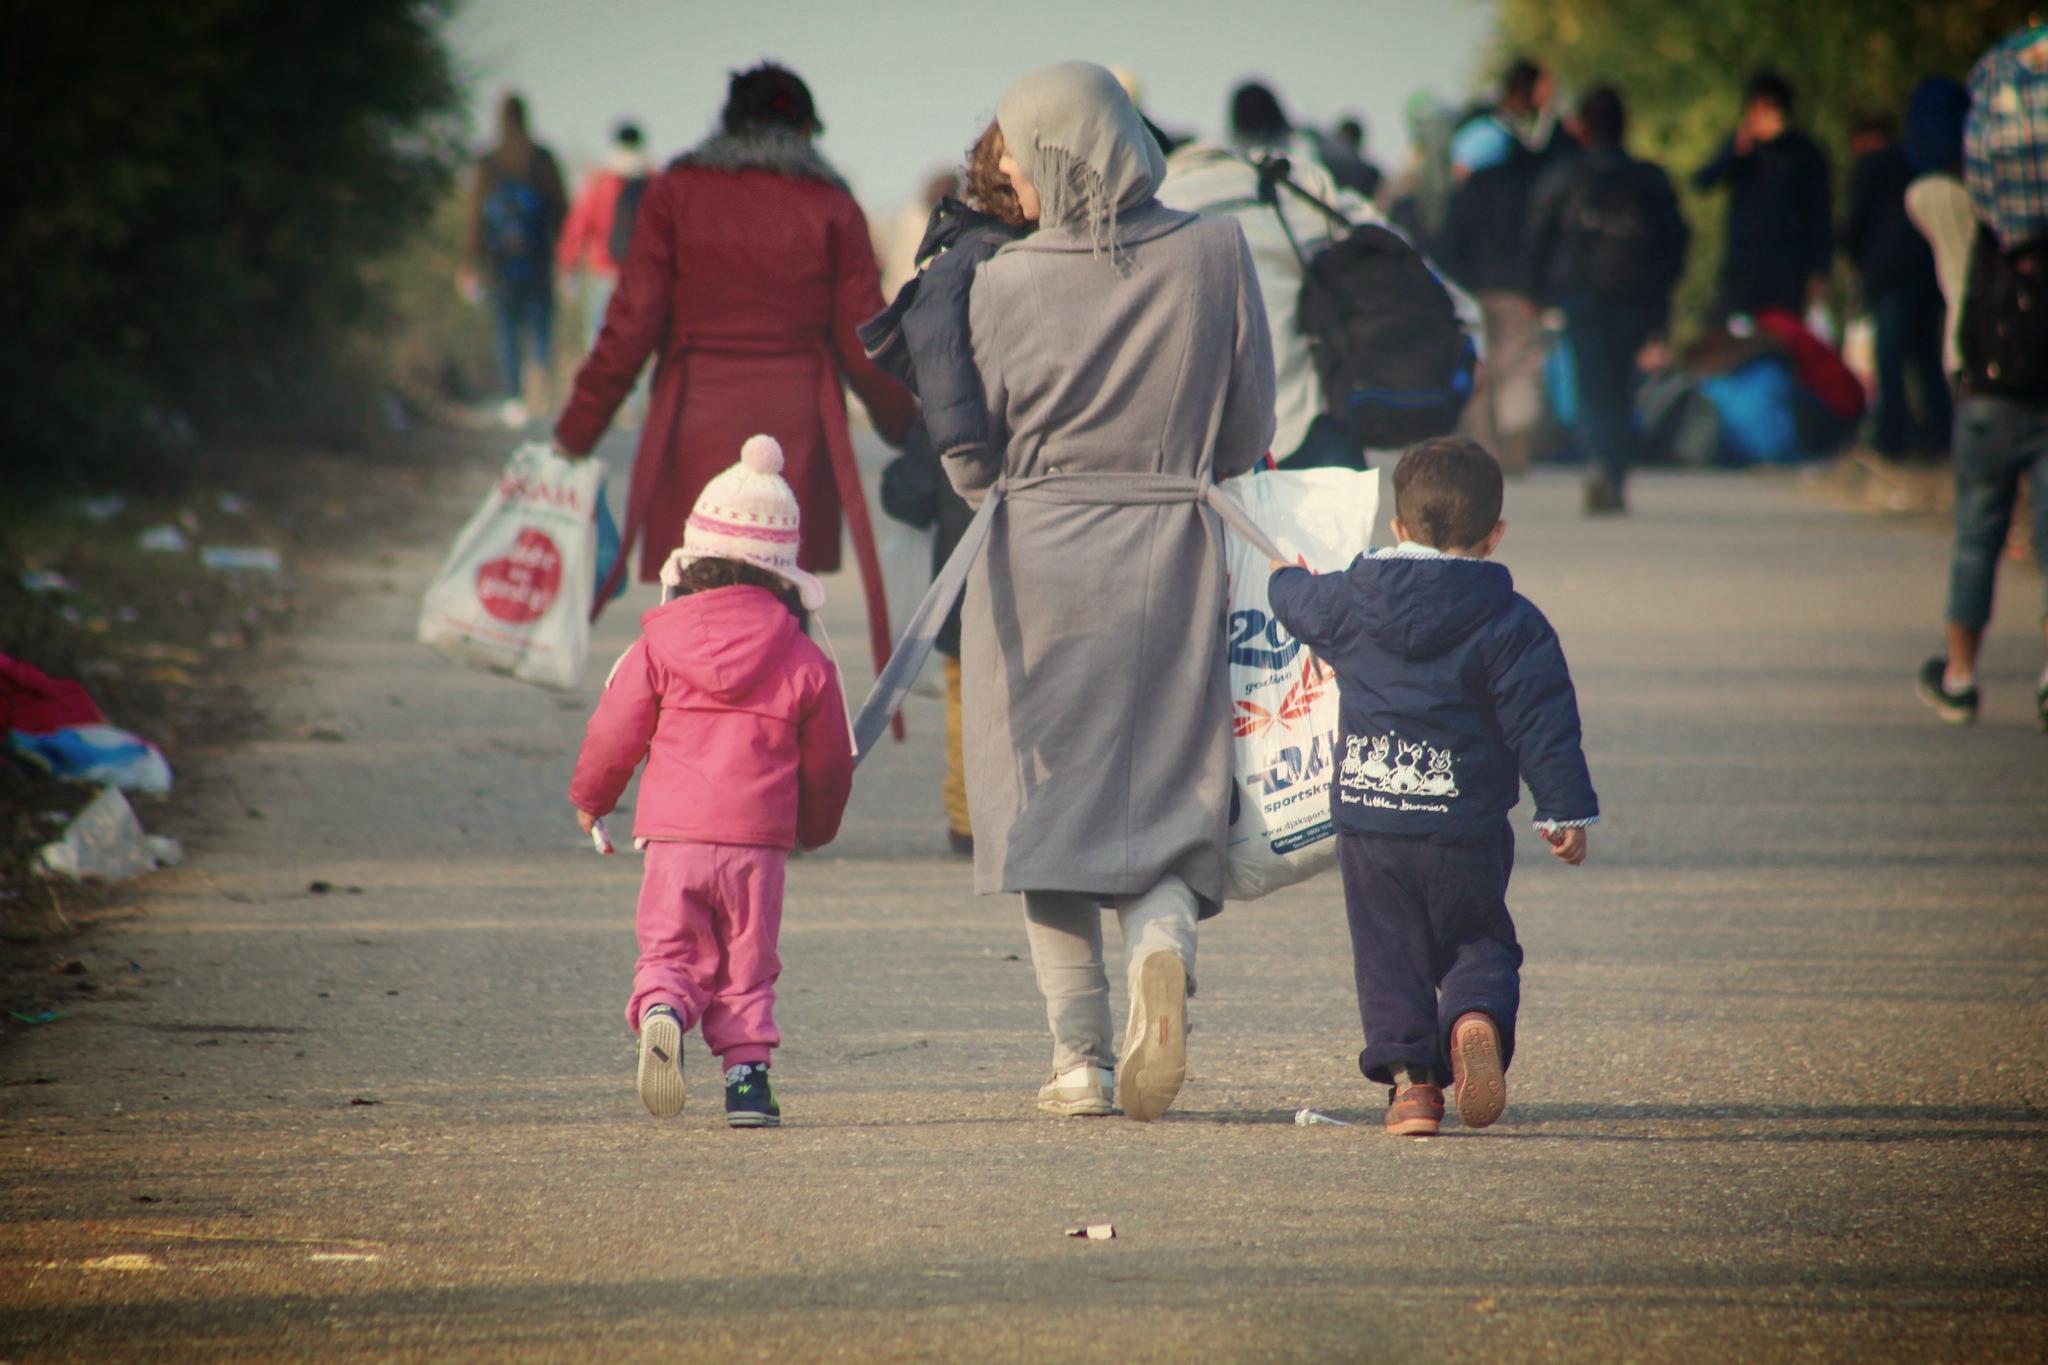 refugeemomwalking.jpg